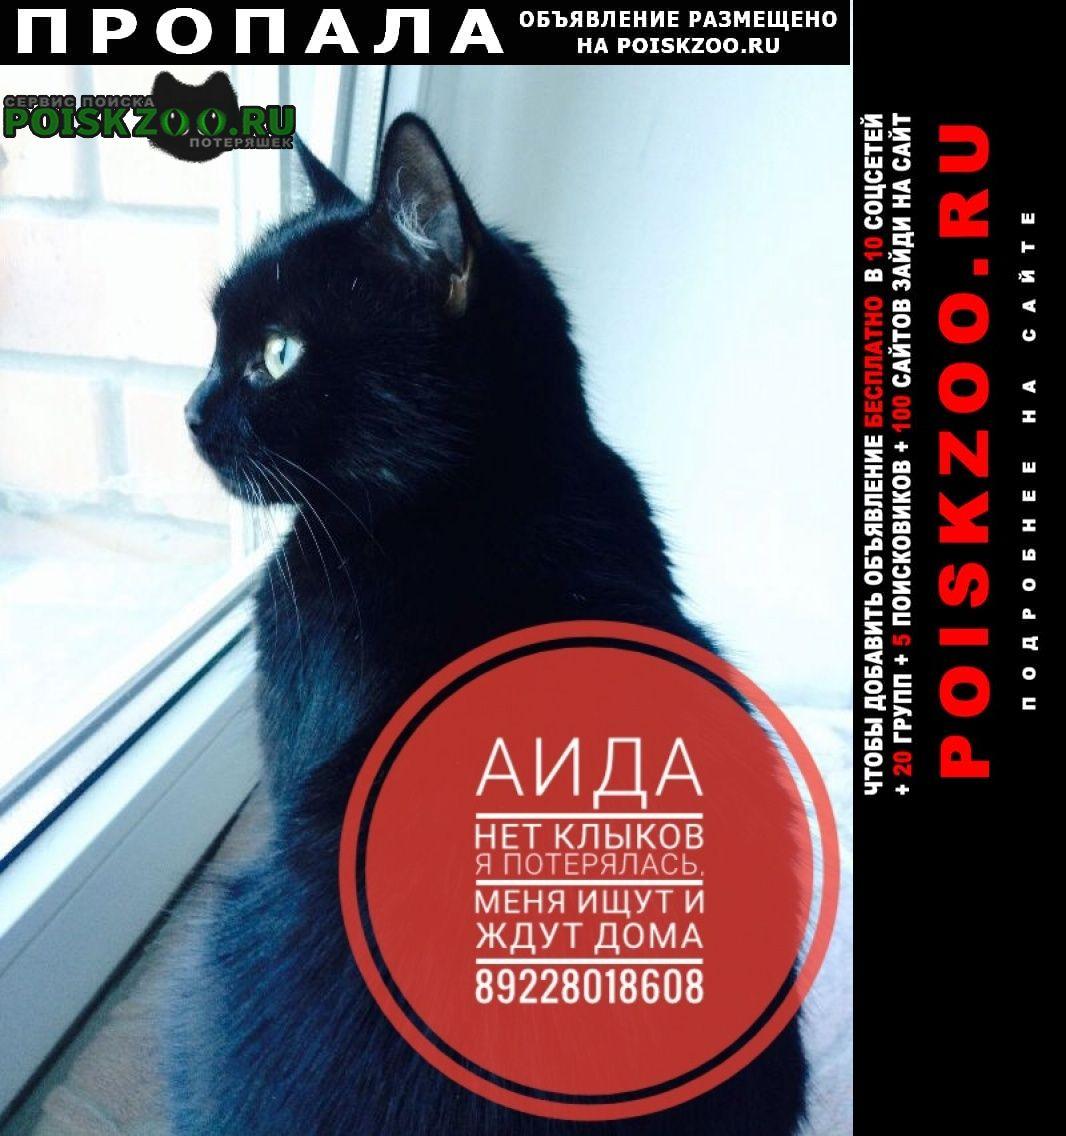 Пропала кошка волжский район г.Саратов